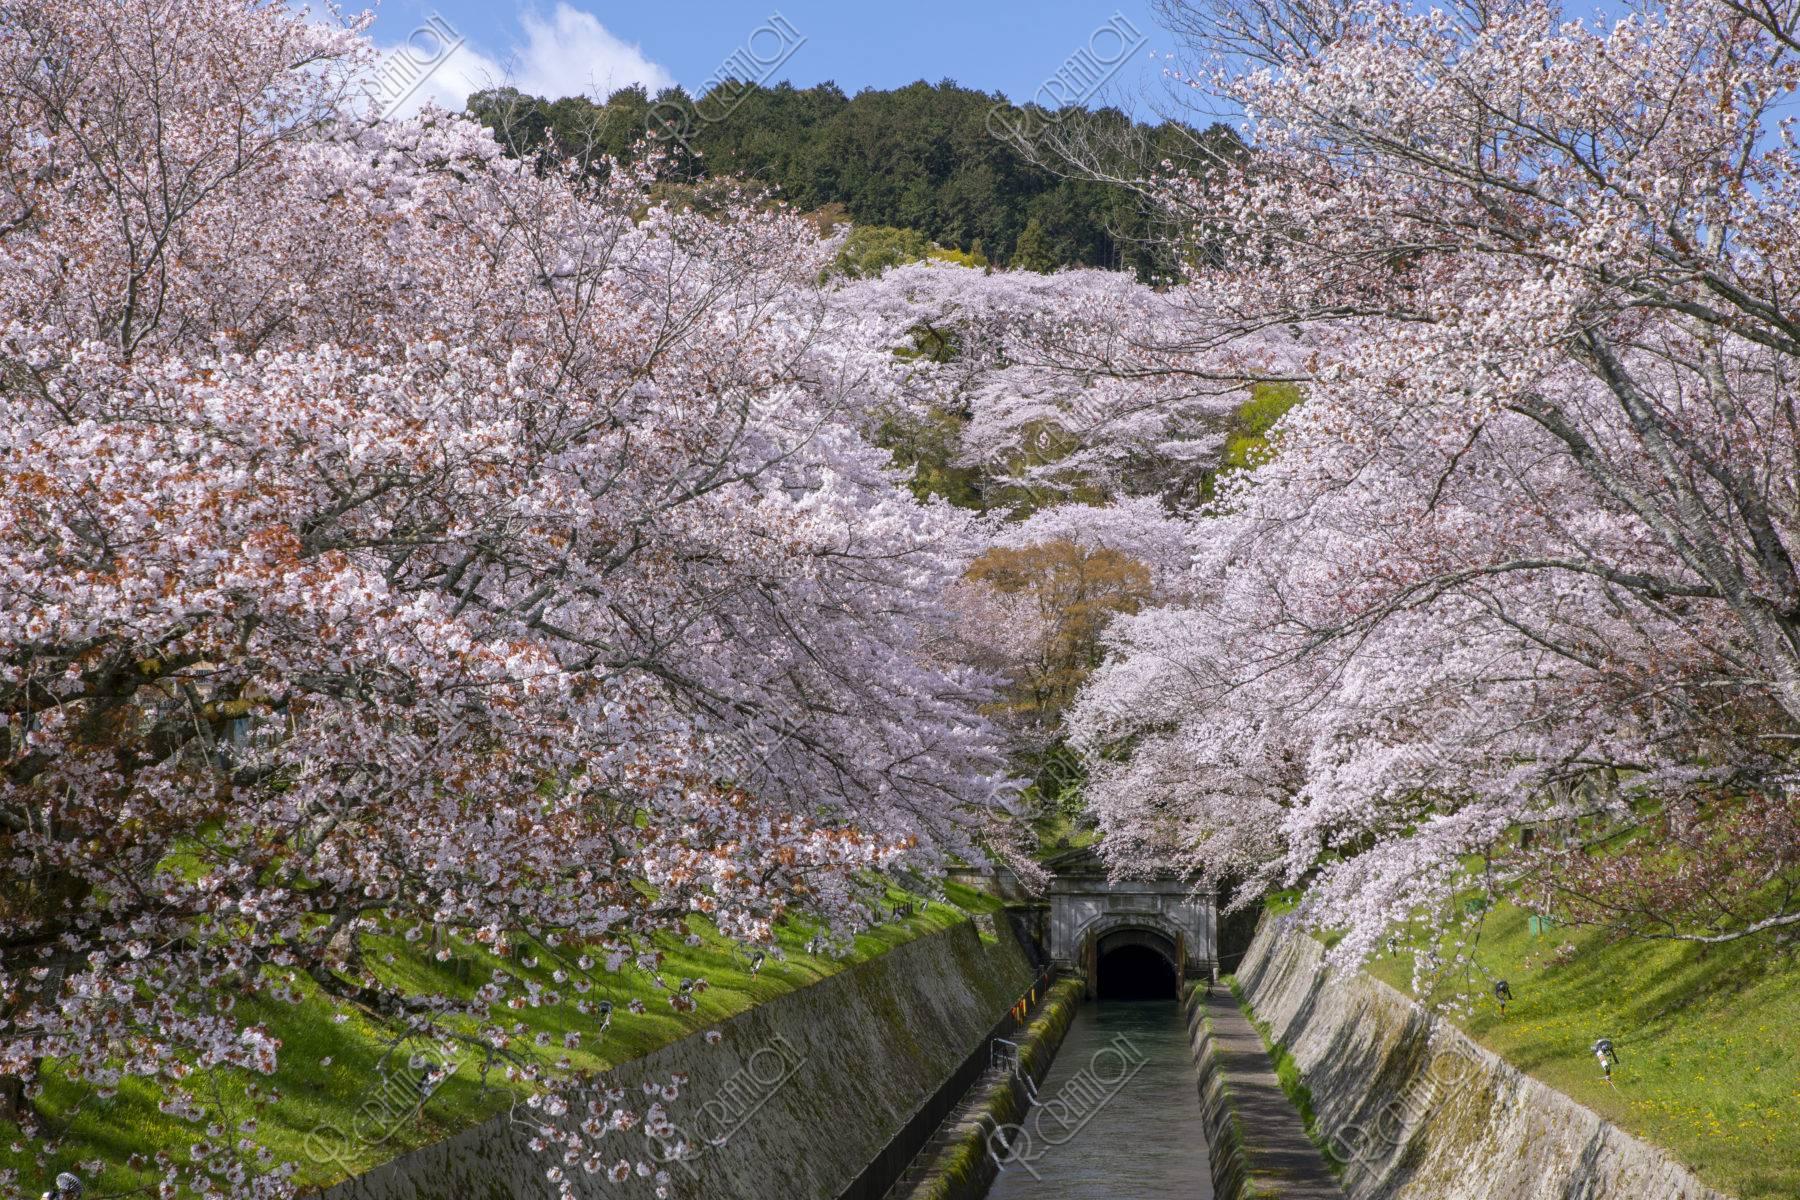 びわ湖疏水と桜並木